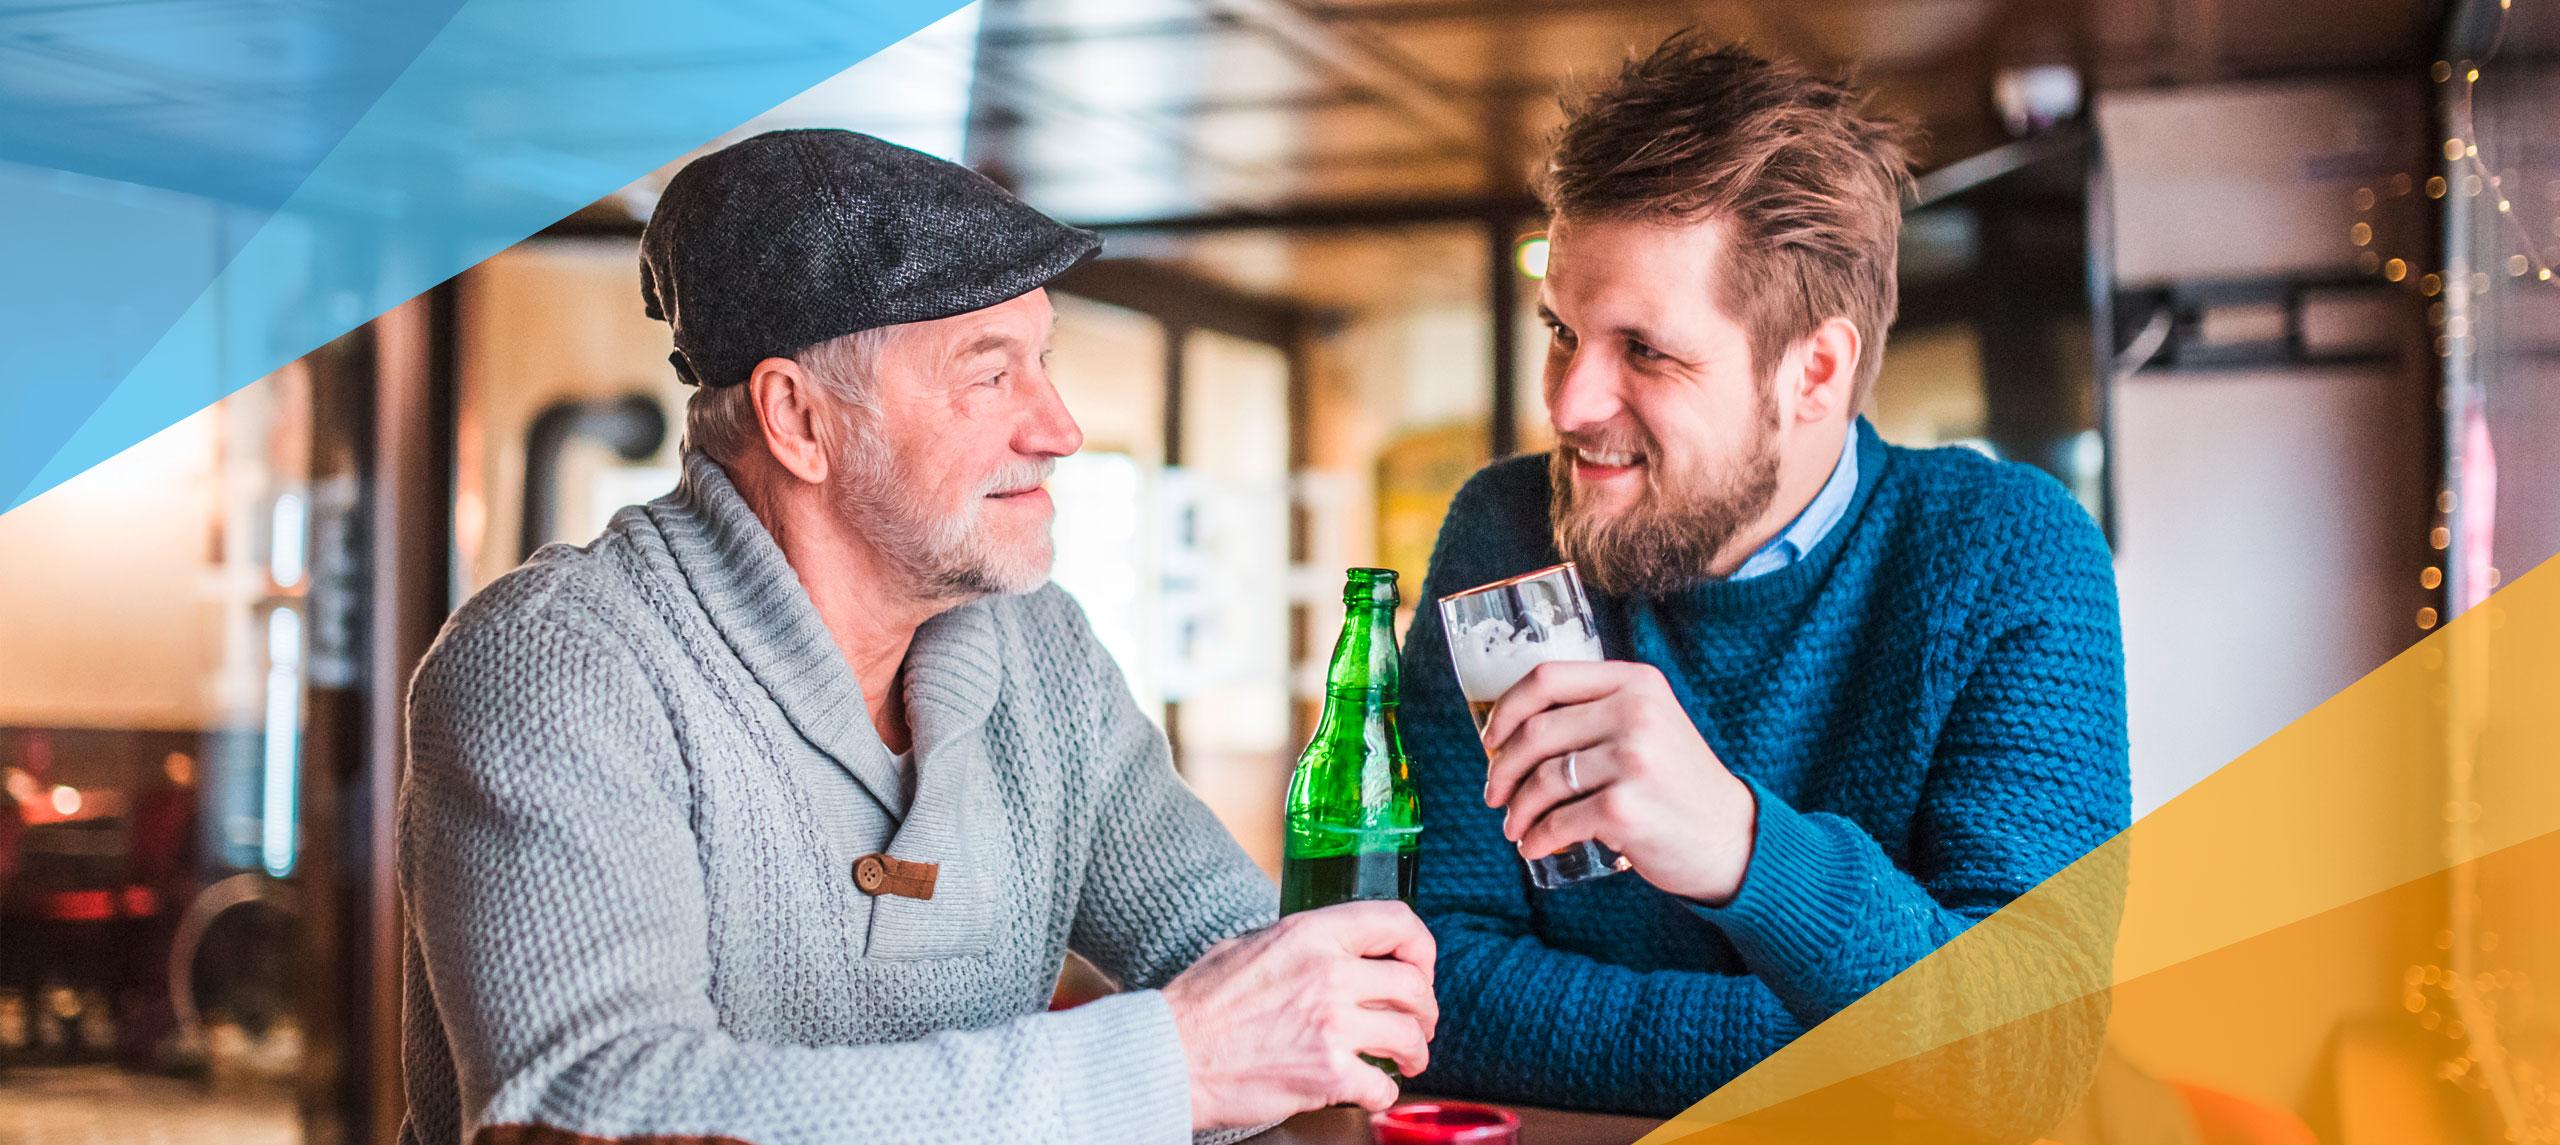 Ein älterer Herr trinkt mit einem Mann um die 30 in einer Kneipe ein Bier.